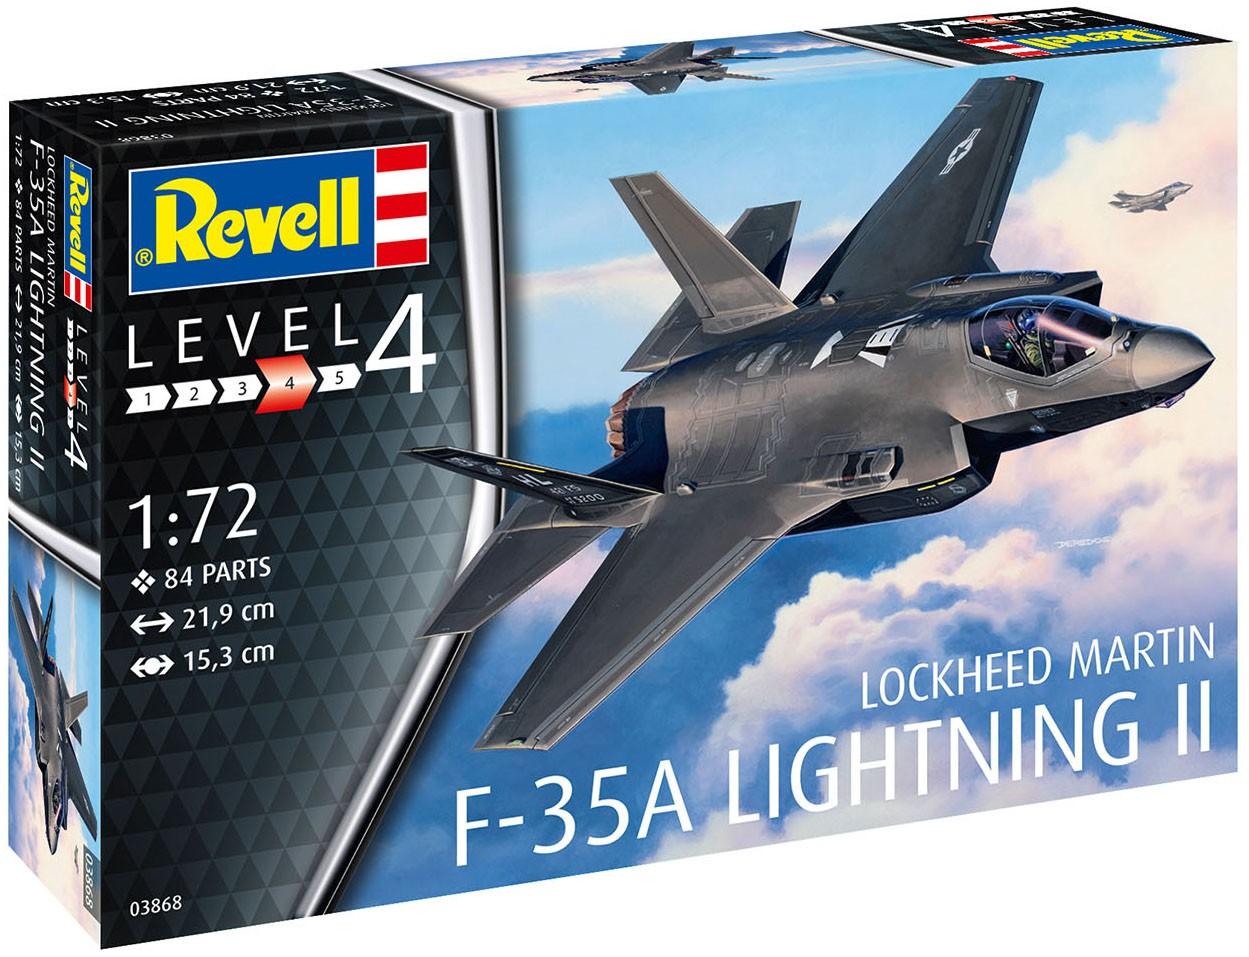 F-35A Lightning II - 1/72 - Revell 03868  - BLIMPS COMÉRCIO ELETRÔNICO